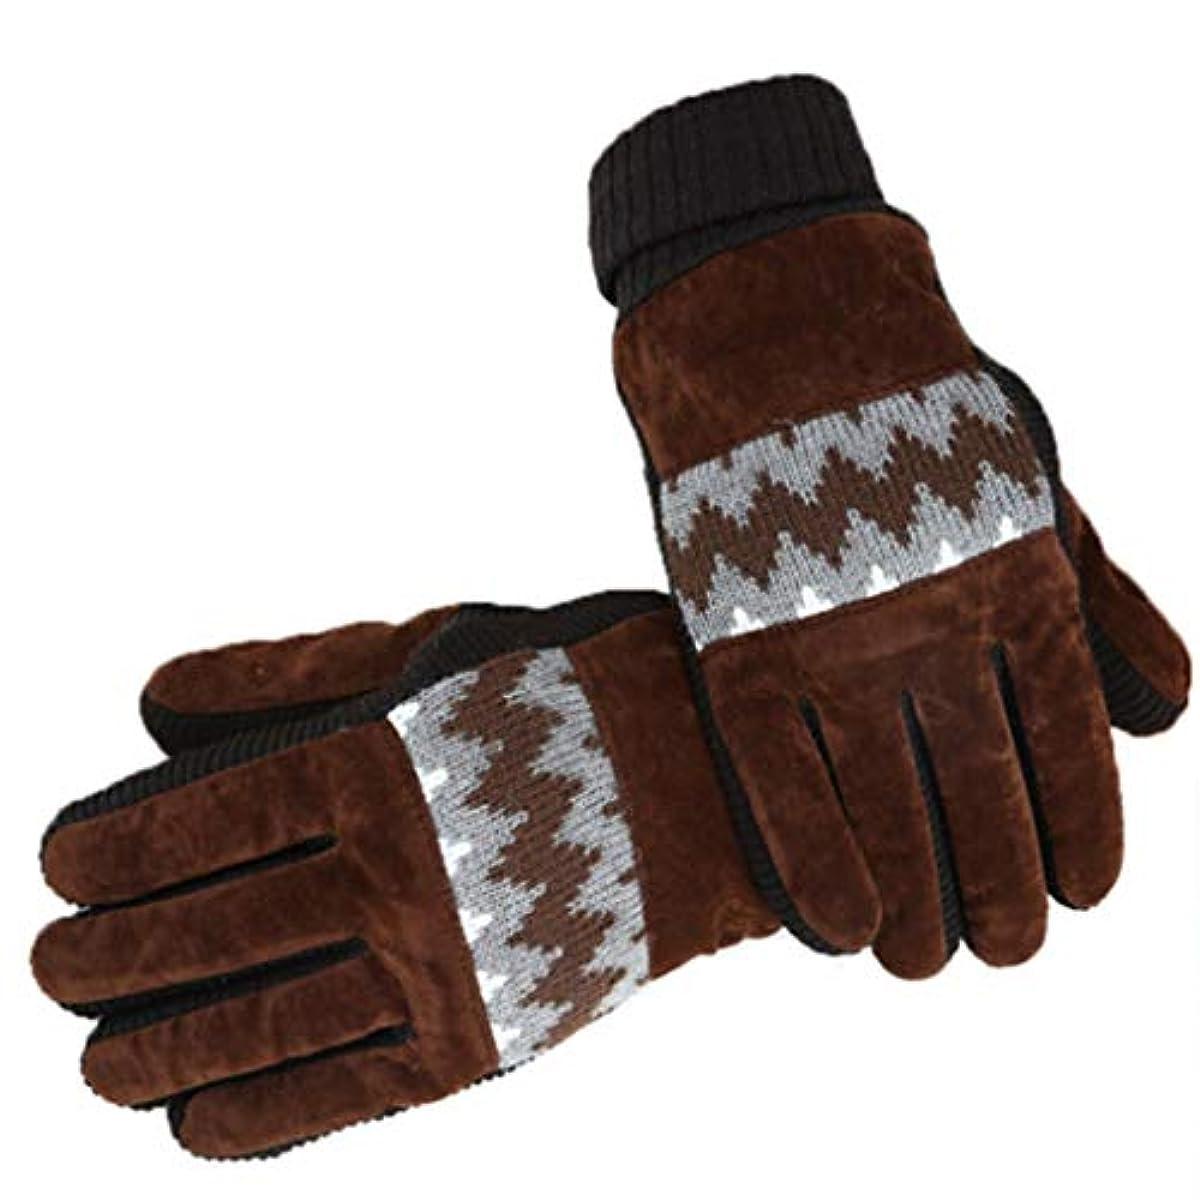 詩座標発行する手袋の男性の冬プラスベルベット寒い暖かいサイクリング秋と冬の防風タッチスクリーンの綿手袋の水リップル黒 (色 : Brown)